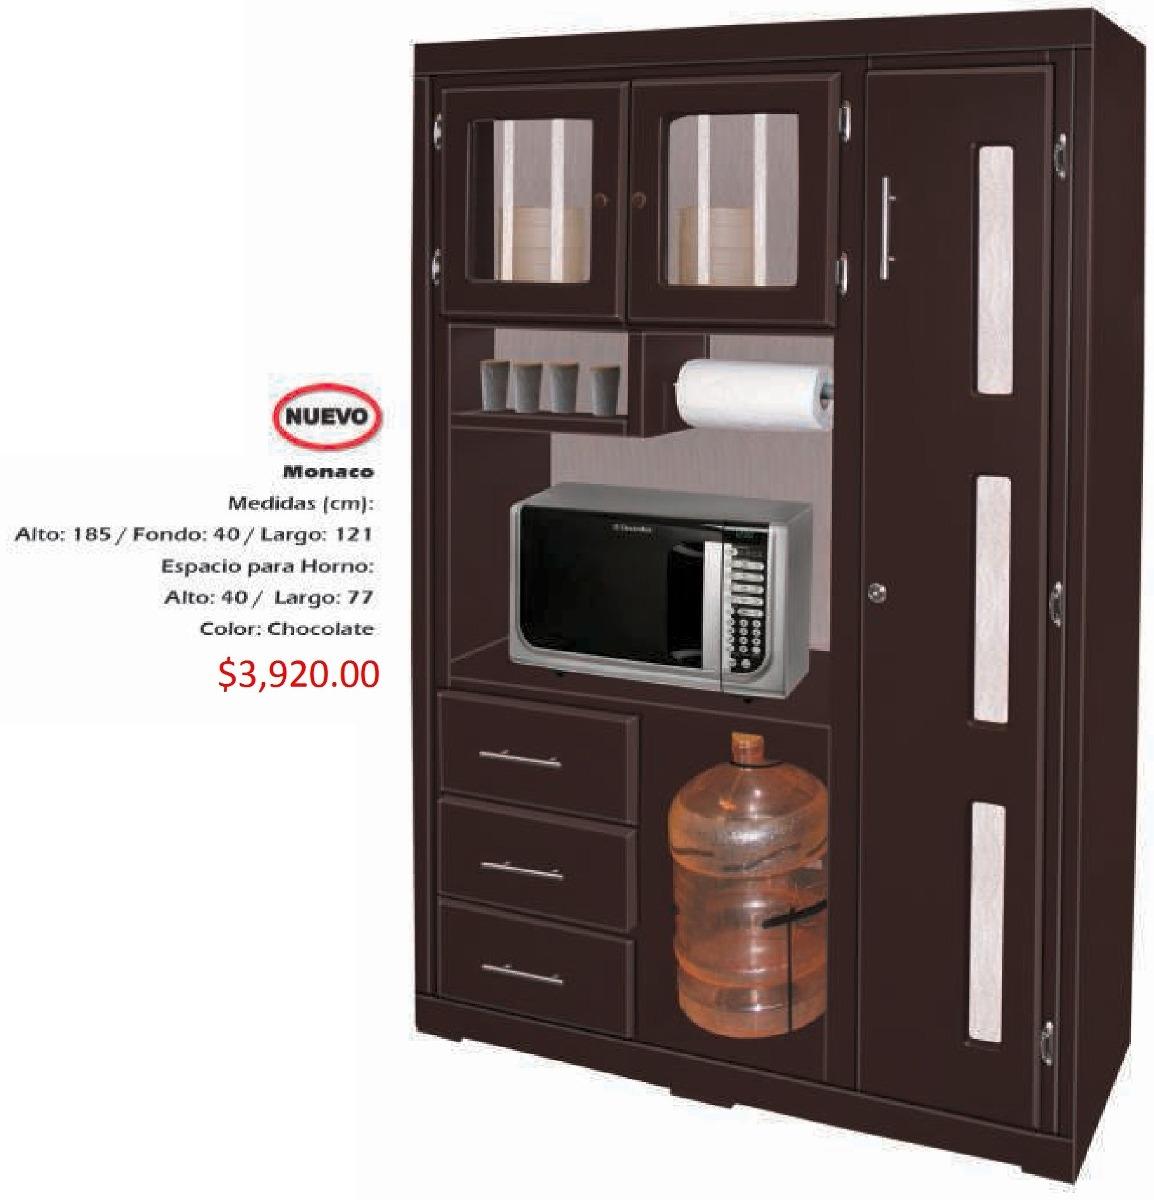 Mueble Para Cocina Modelo Monaco   392000 en Mercado Libre